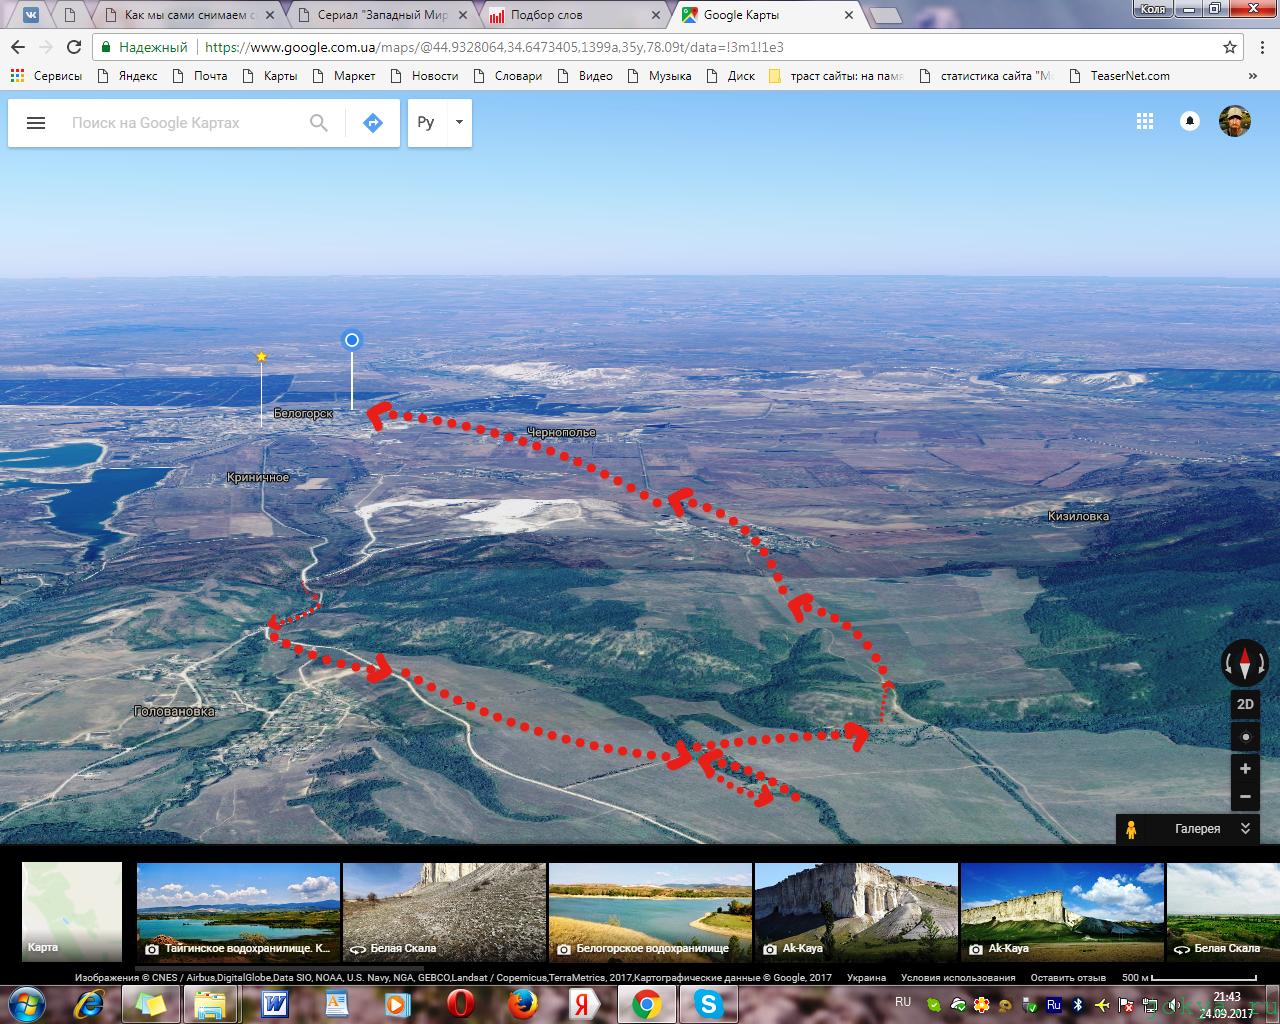 Путешествие домой в Белогорск с рыбалки фото заметка из моей реальности в Крыму jokya.ru